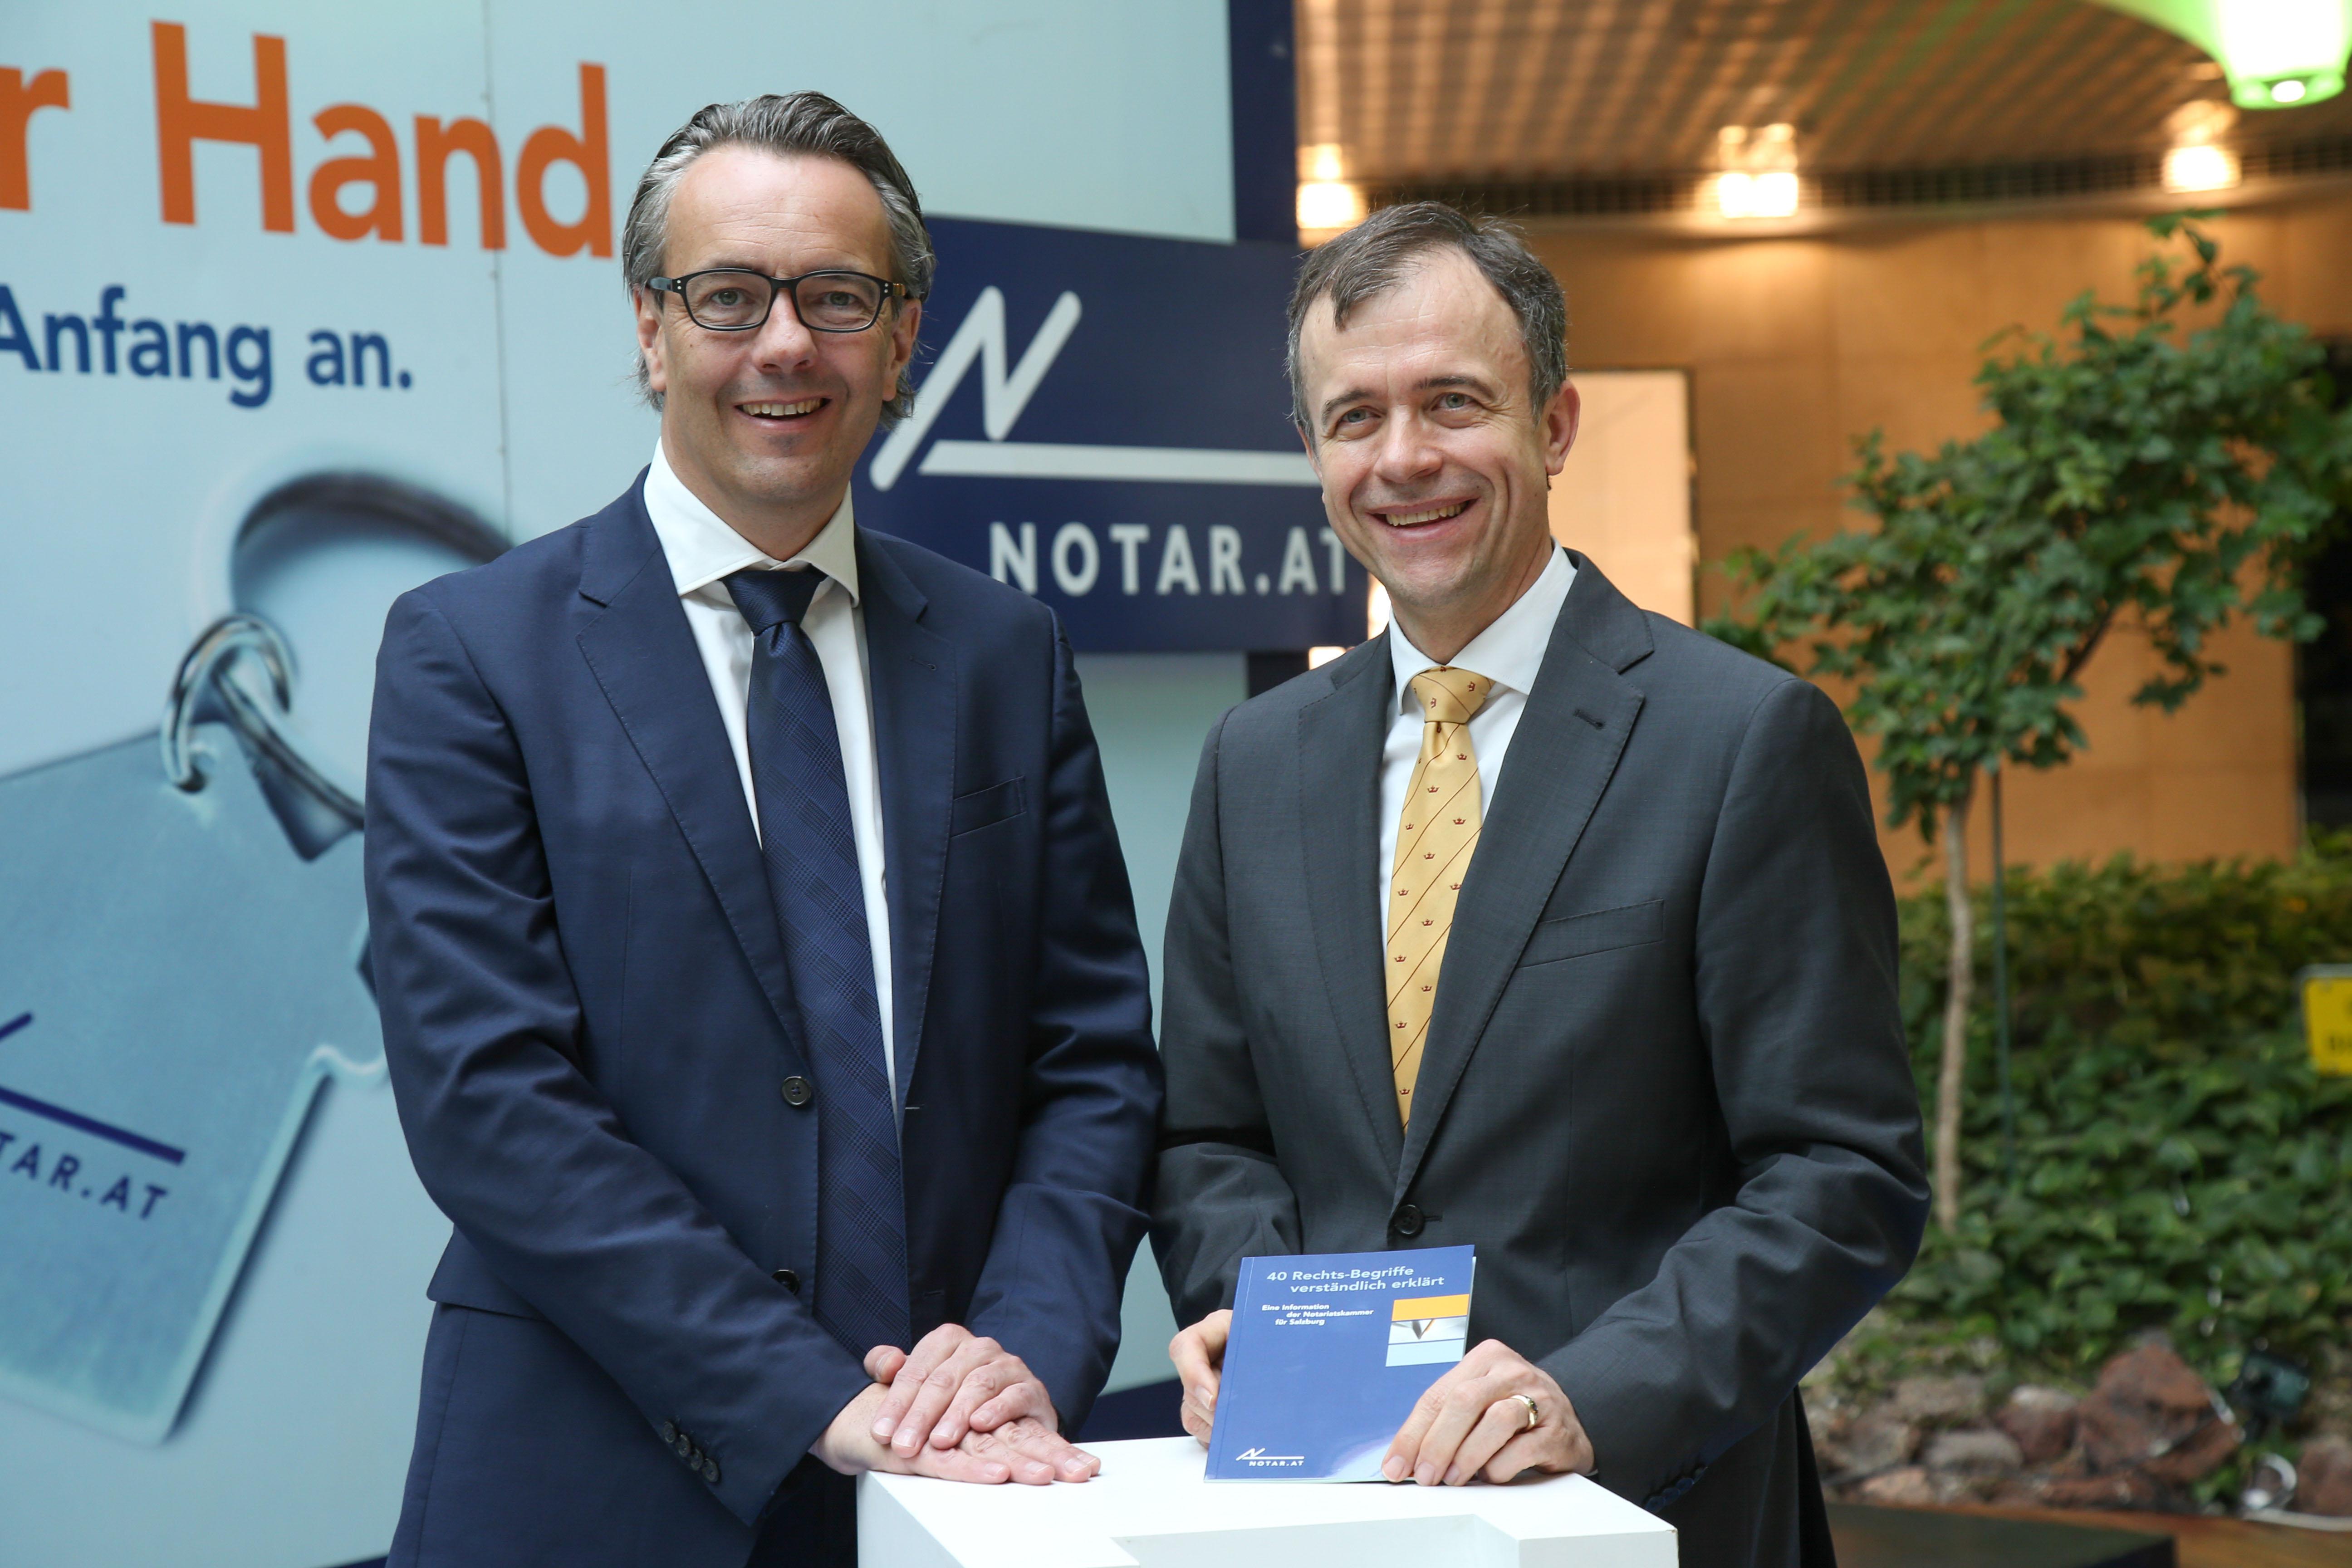 Informationstag der Notariatskammer für Salzburg im Einkaufszentrum Europark.